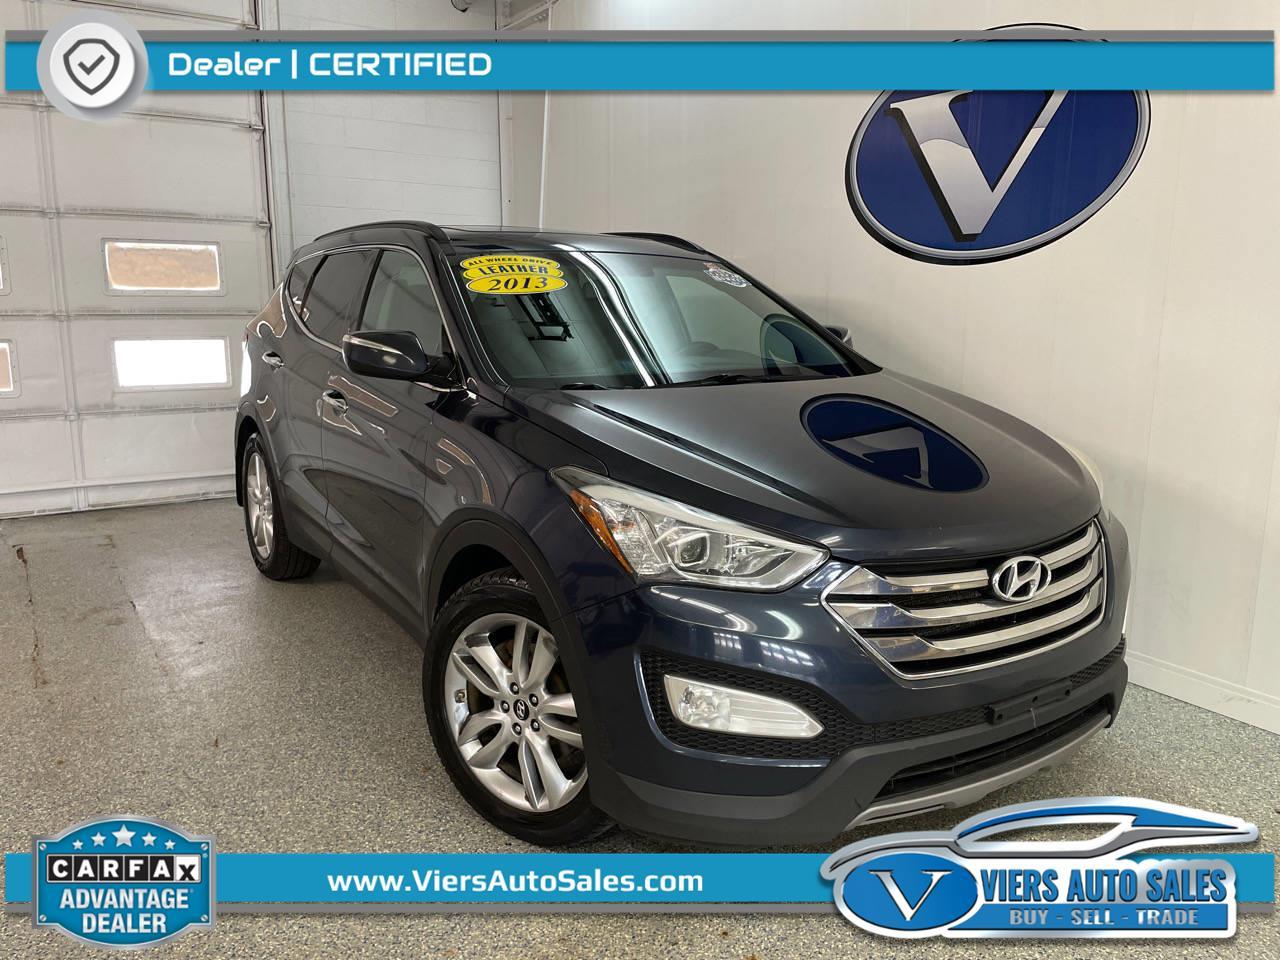 2013 Hyundai Santa Fe 2.0T Sport AWD